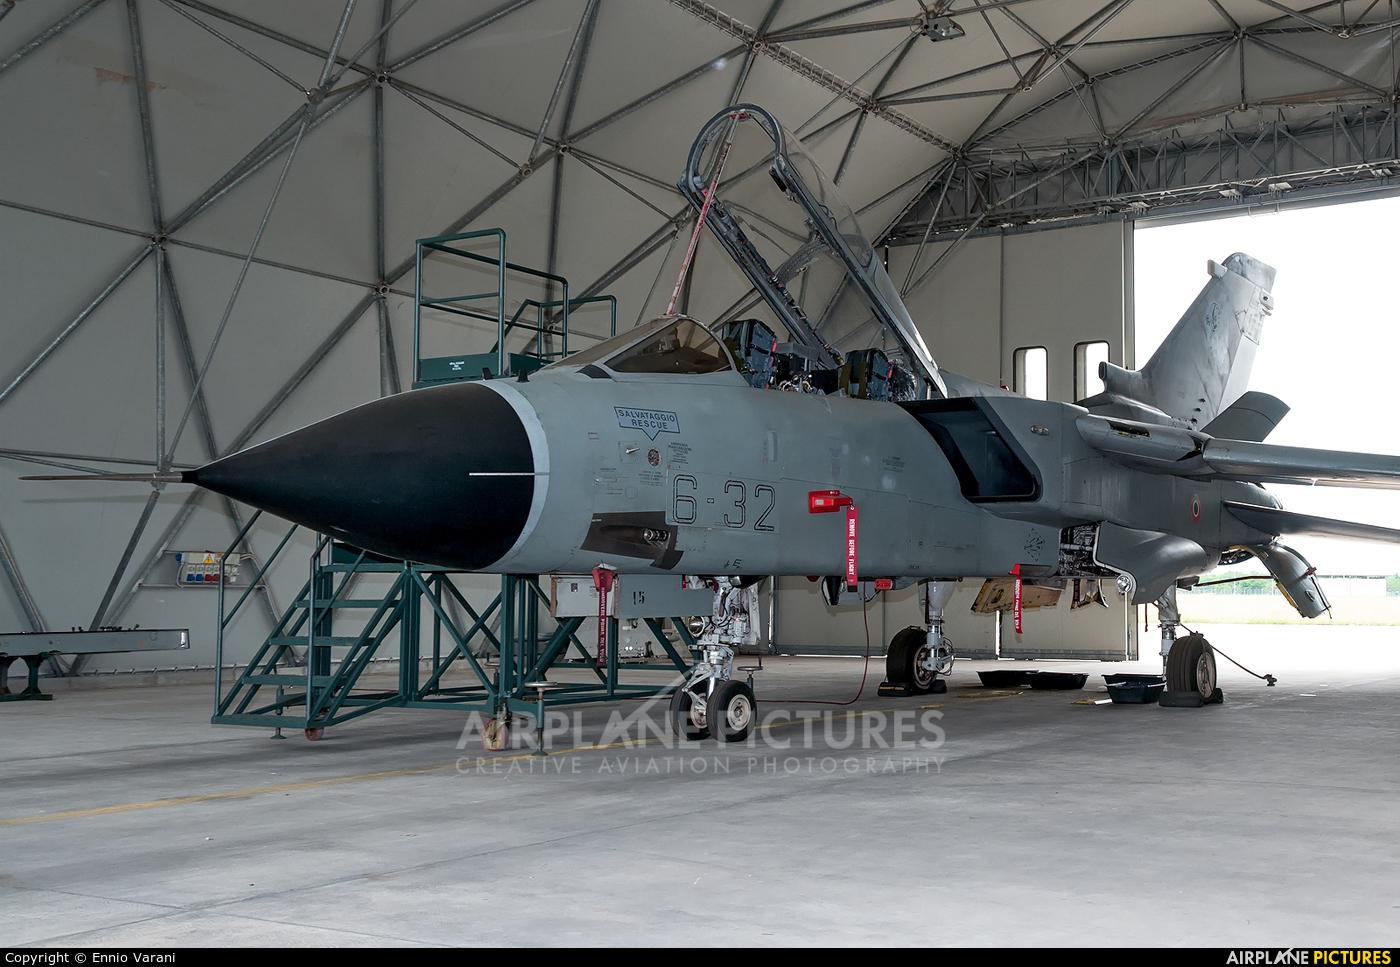 Italy - Air Force MM7015 aircraft at Ghedi